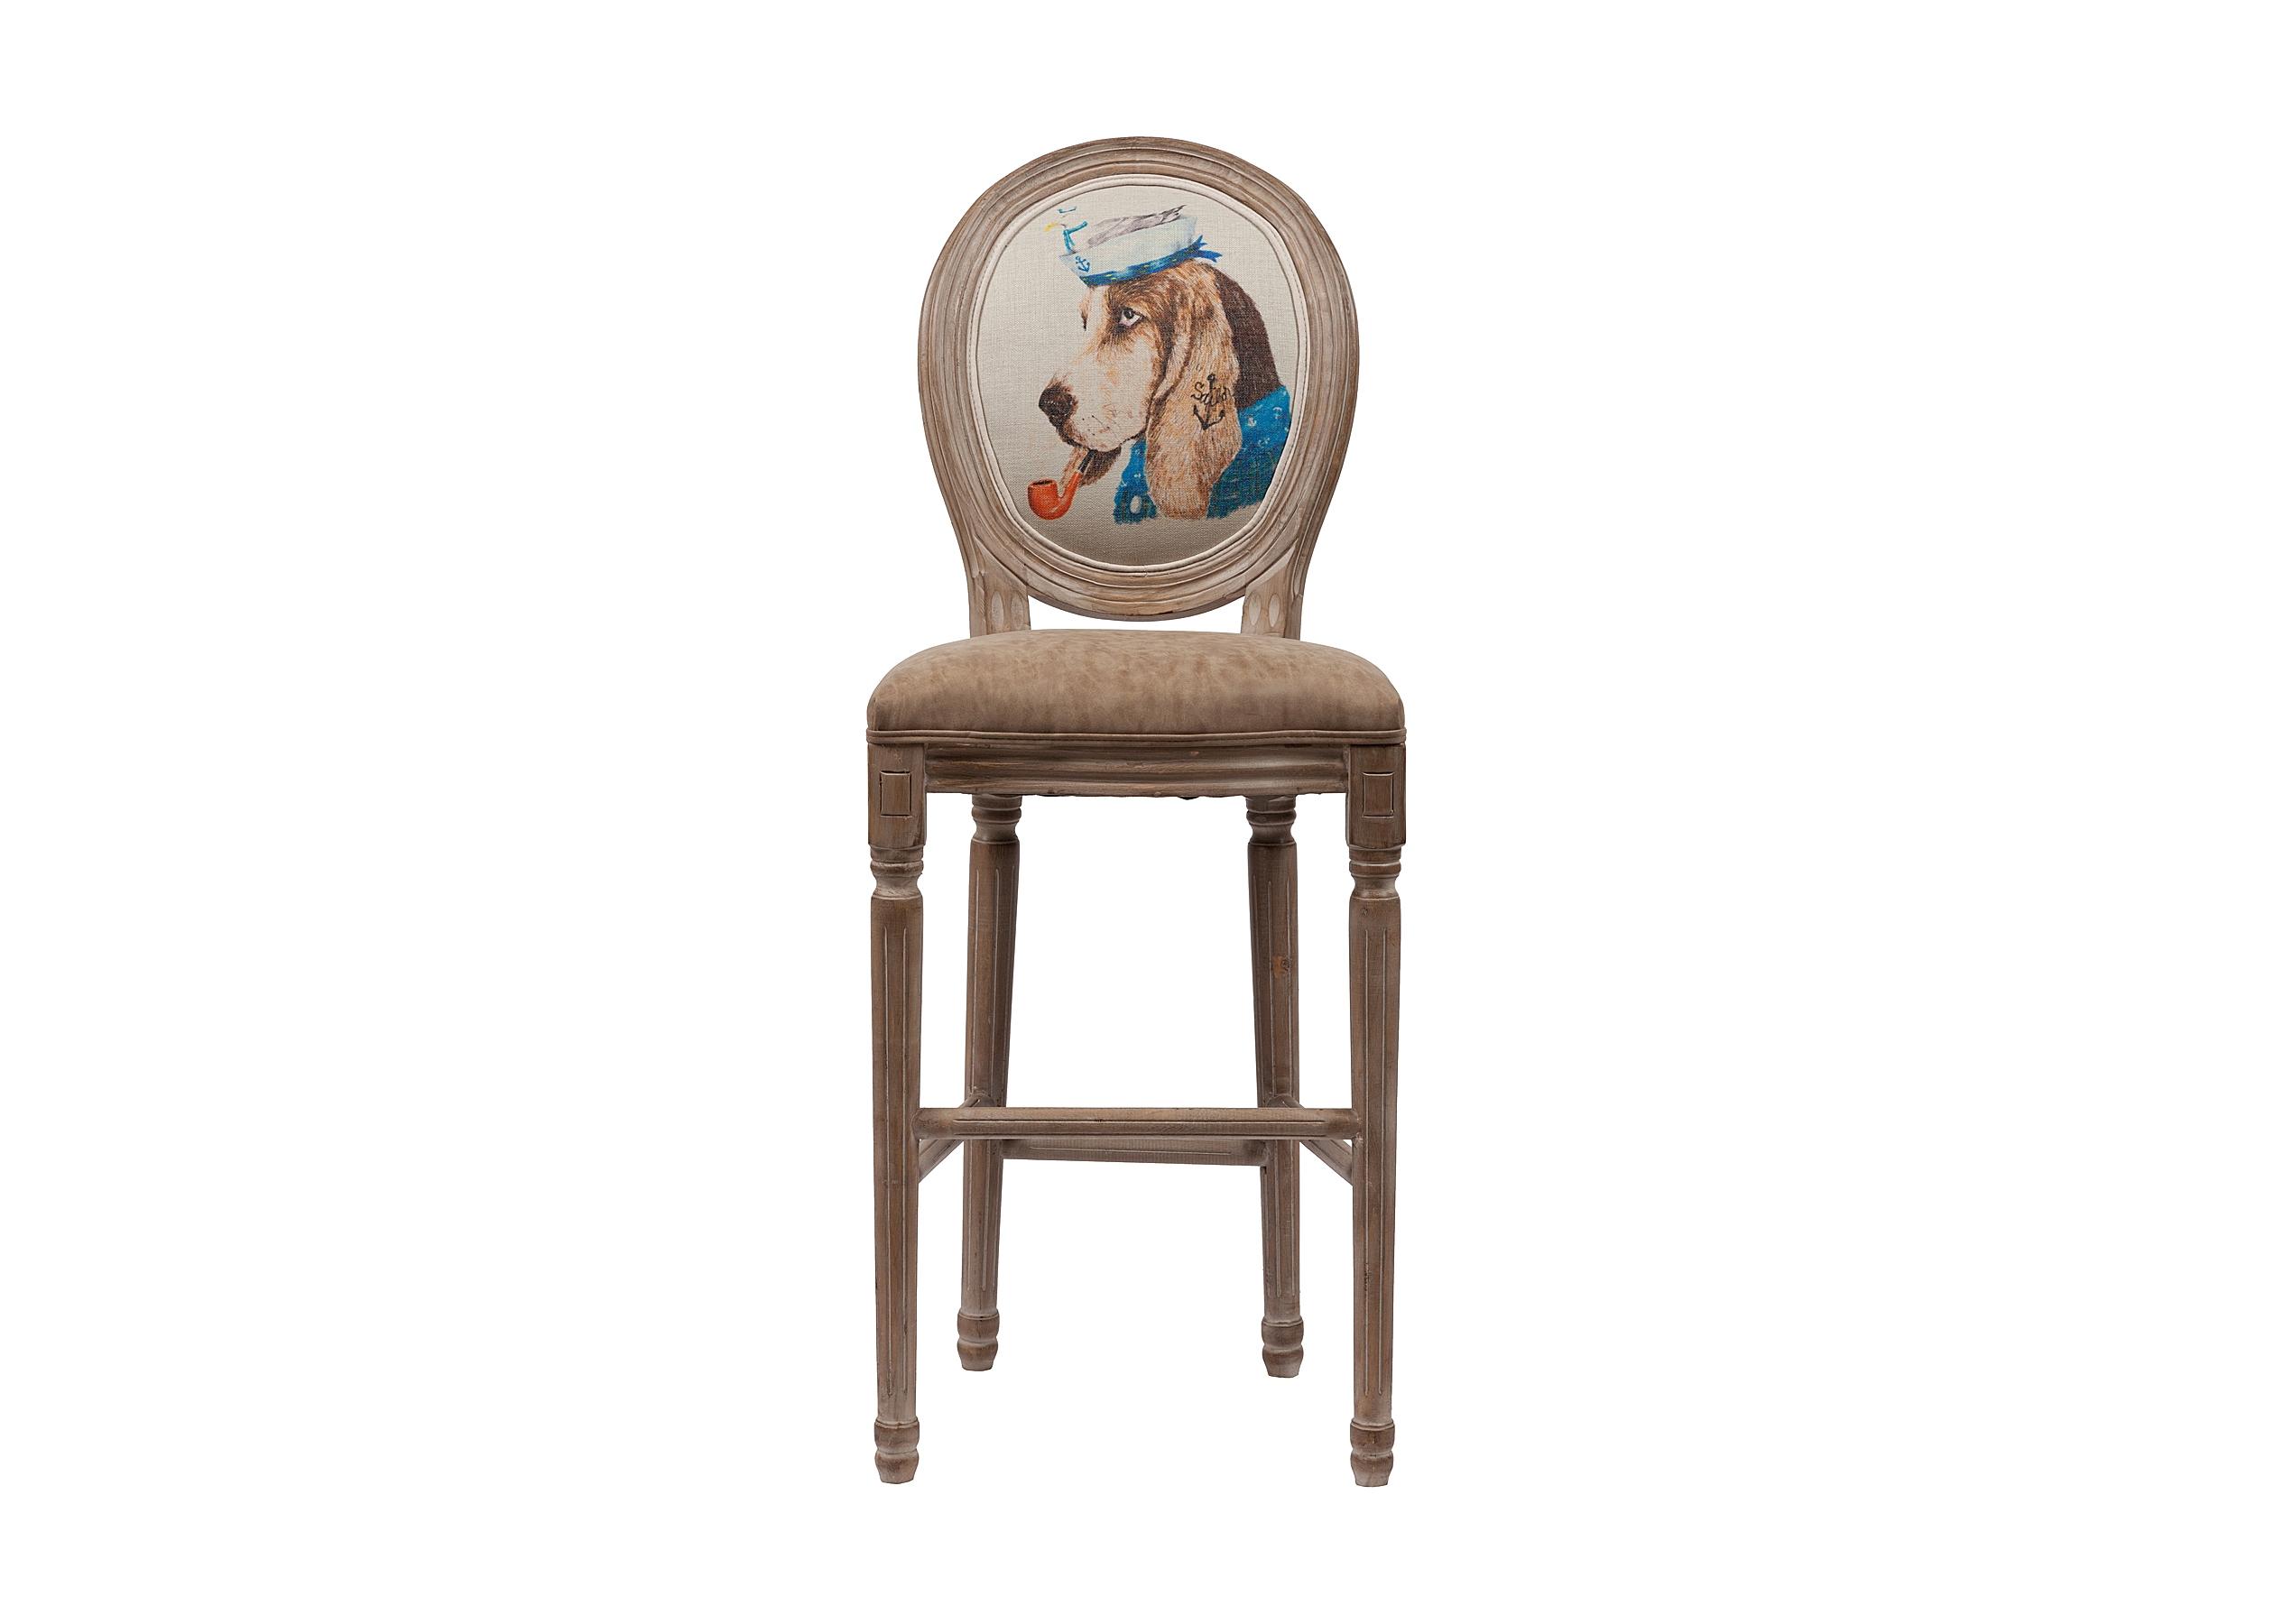 Стул Sailor DogБарные стулья<br>Основание: береза.&amp;lt;div&amp;gt;Обивка: поролон, экокожа.&amp;lt;/div&amp;gt;&amp;lt;div&amp;gt;Высота стула от пола до сидения 76 см.&amp;lt;/div&amp;gt;<br><br>Material: Кожа<br>Width см: 46<br>Depth см: 55<br>Height см: 94